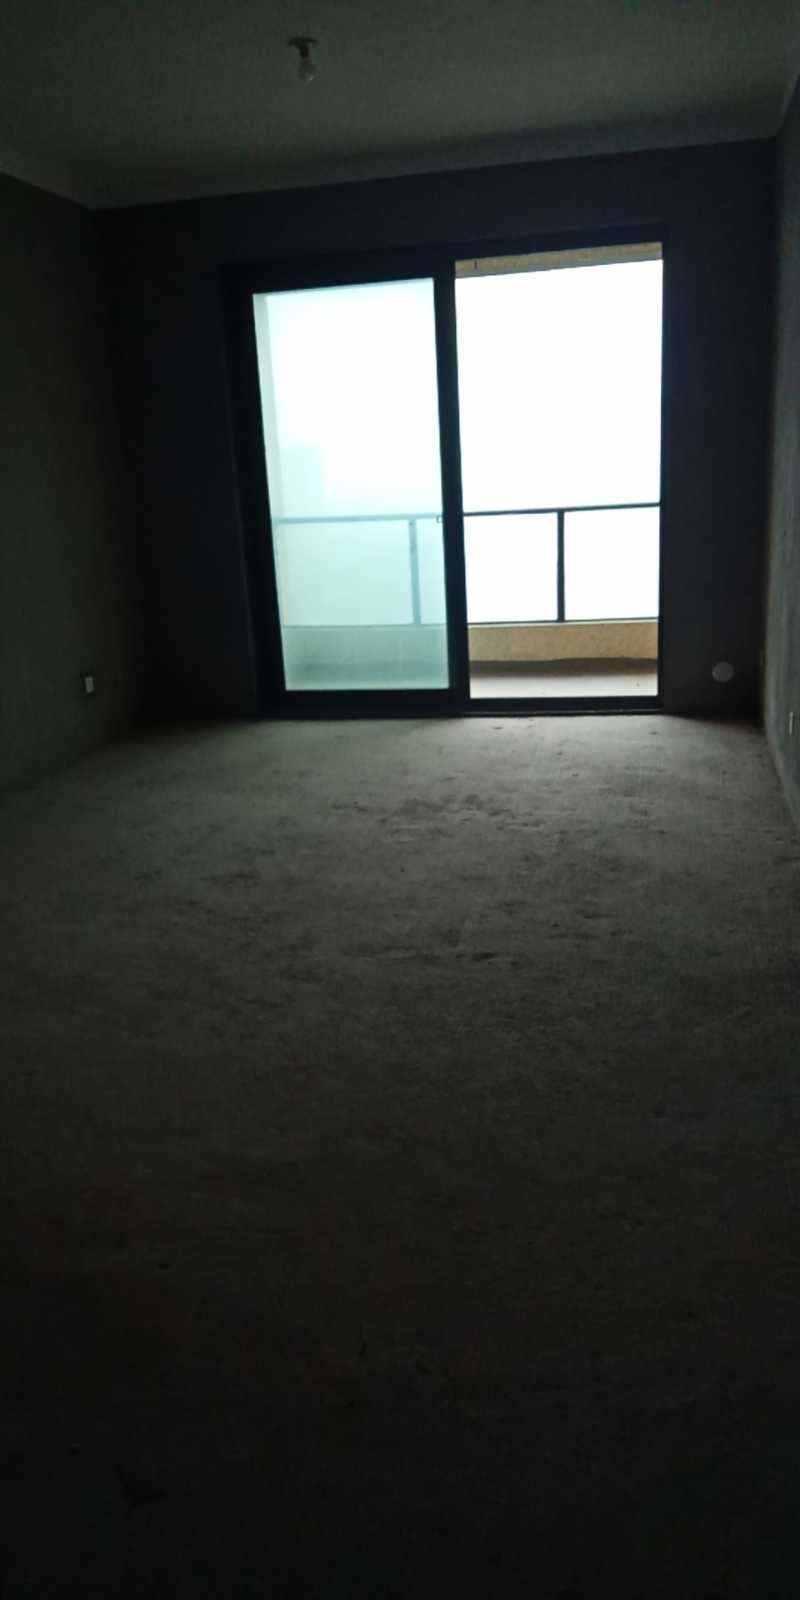 12284城南现房文慧苑21楼(顶楼)面积87平方,3室2厅,毛坯,现卖现住,一口价76.8万